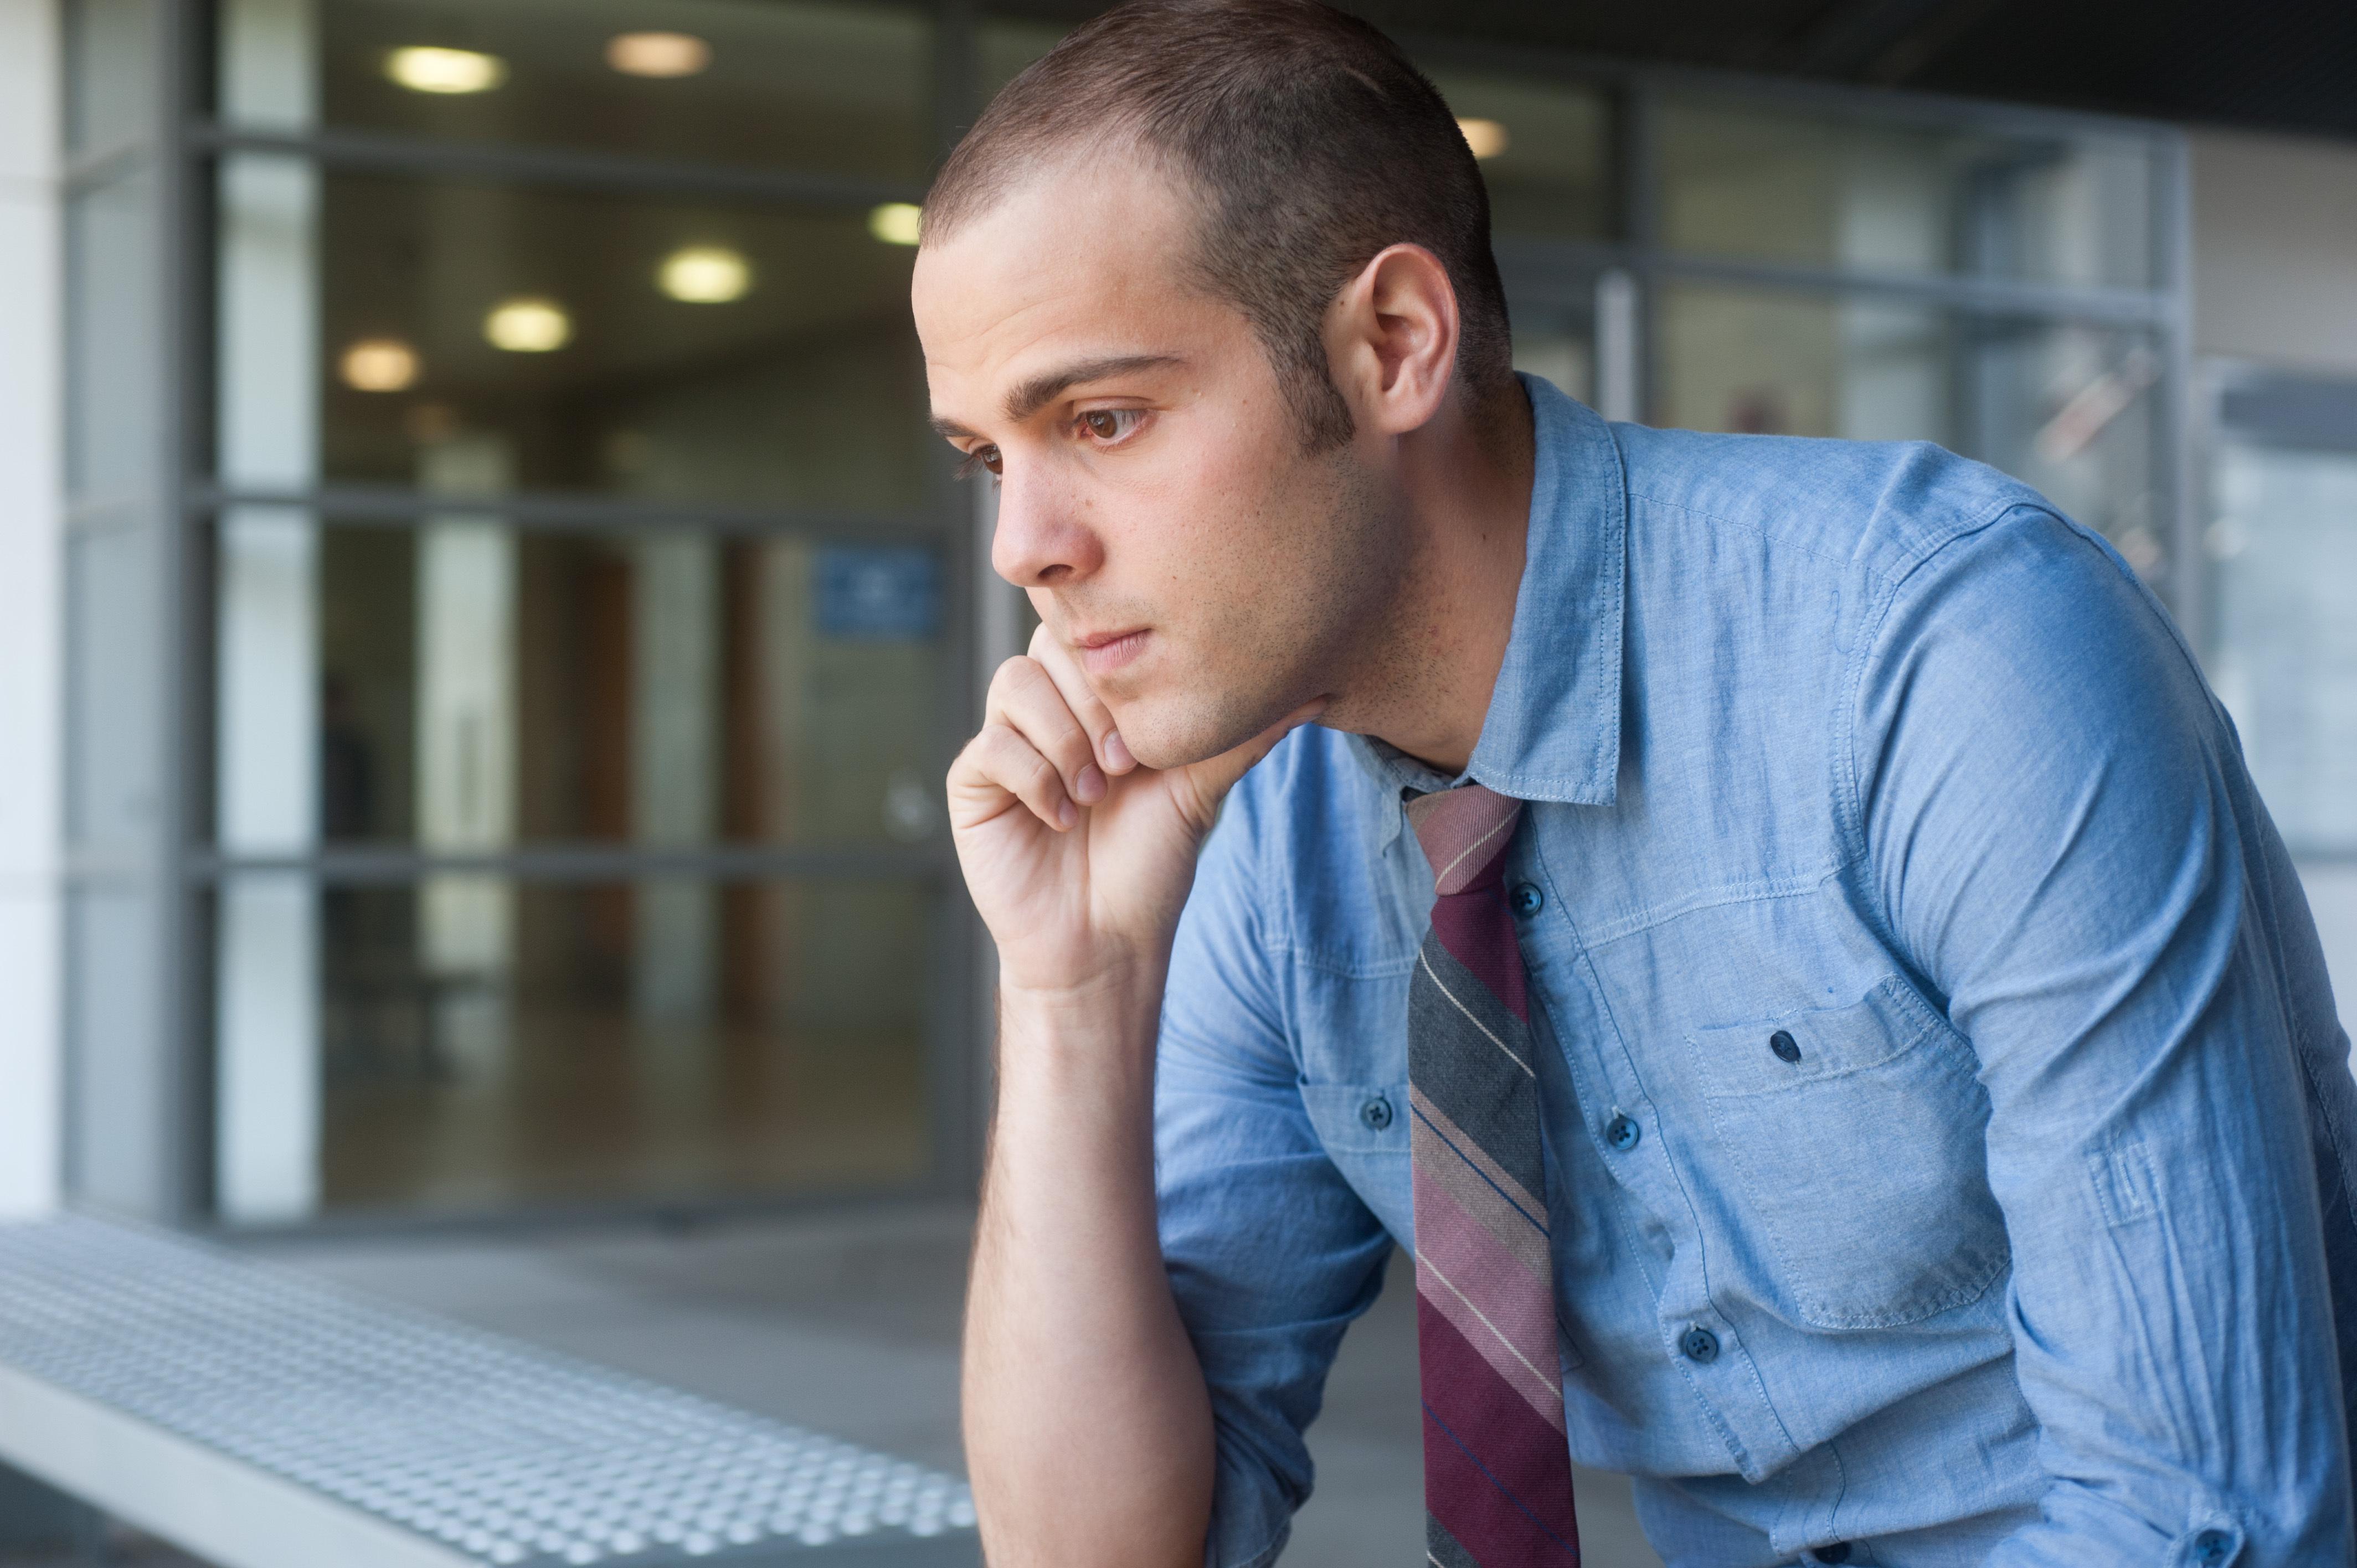 Osäkra anställningsformer kan enligt studien ge problem som känningar i magen, rastlöshet, koncentrationssvårigheter, hjärtklappning och panik.